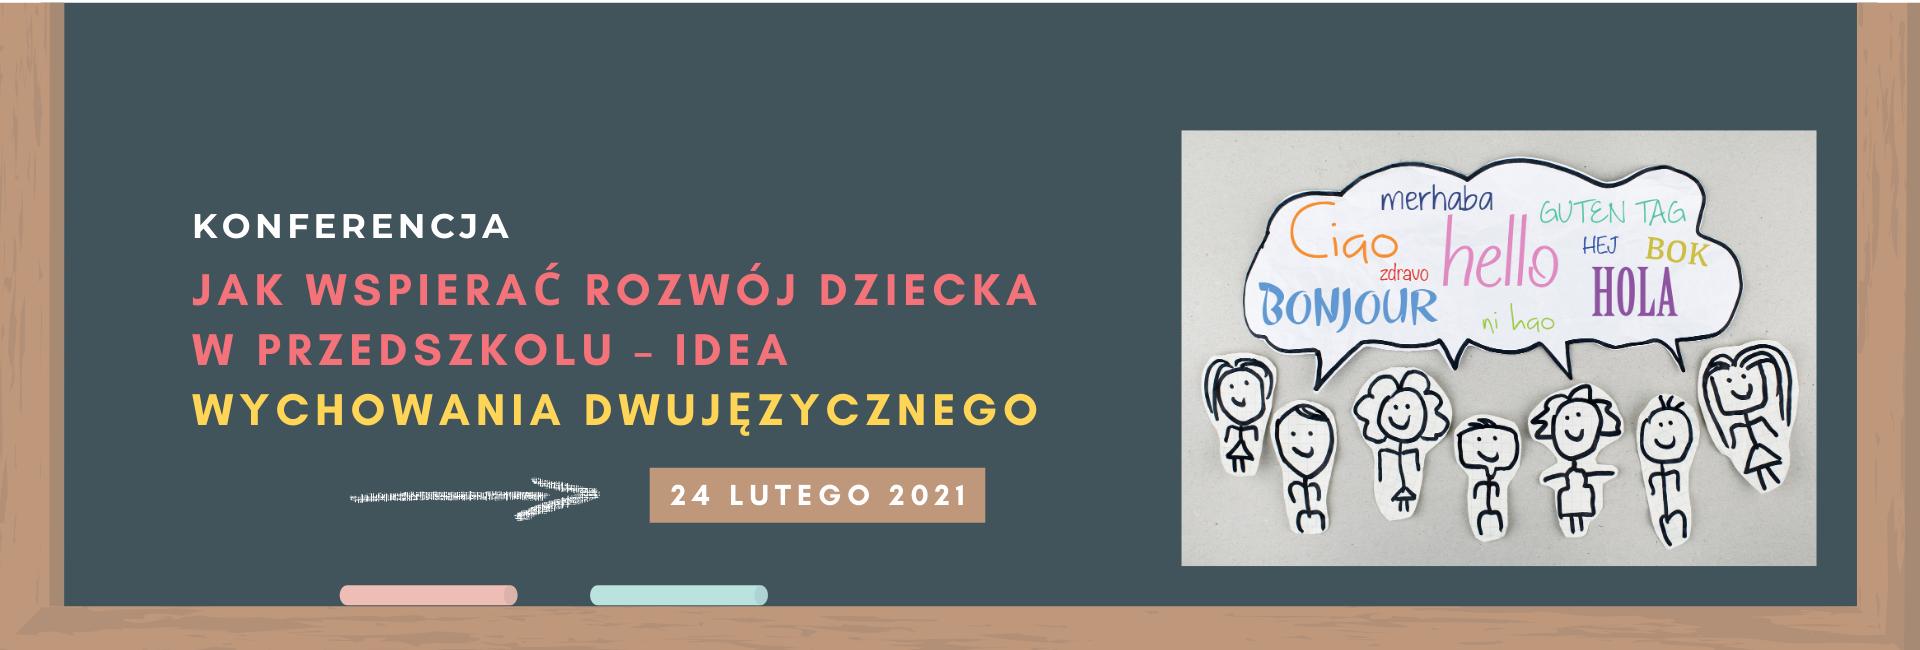 Konferencja Jak wspierać rozwój dziecka w przedszkolu - idea wychowania dwujęzycznego 24.02.2021 r